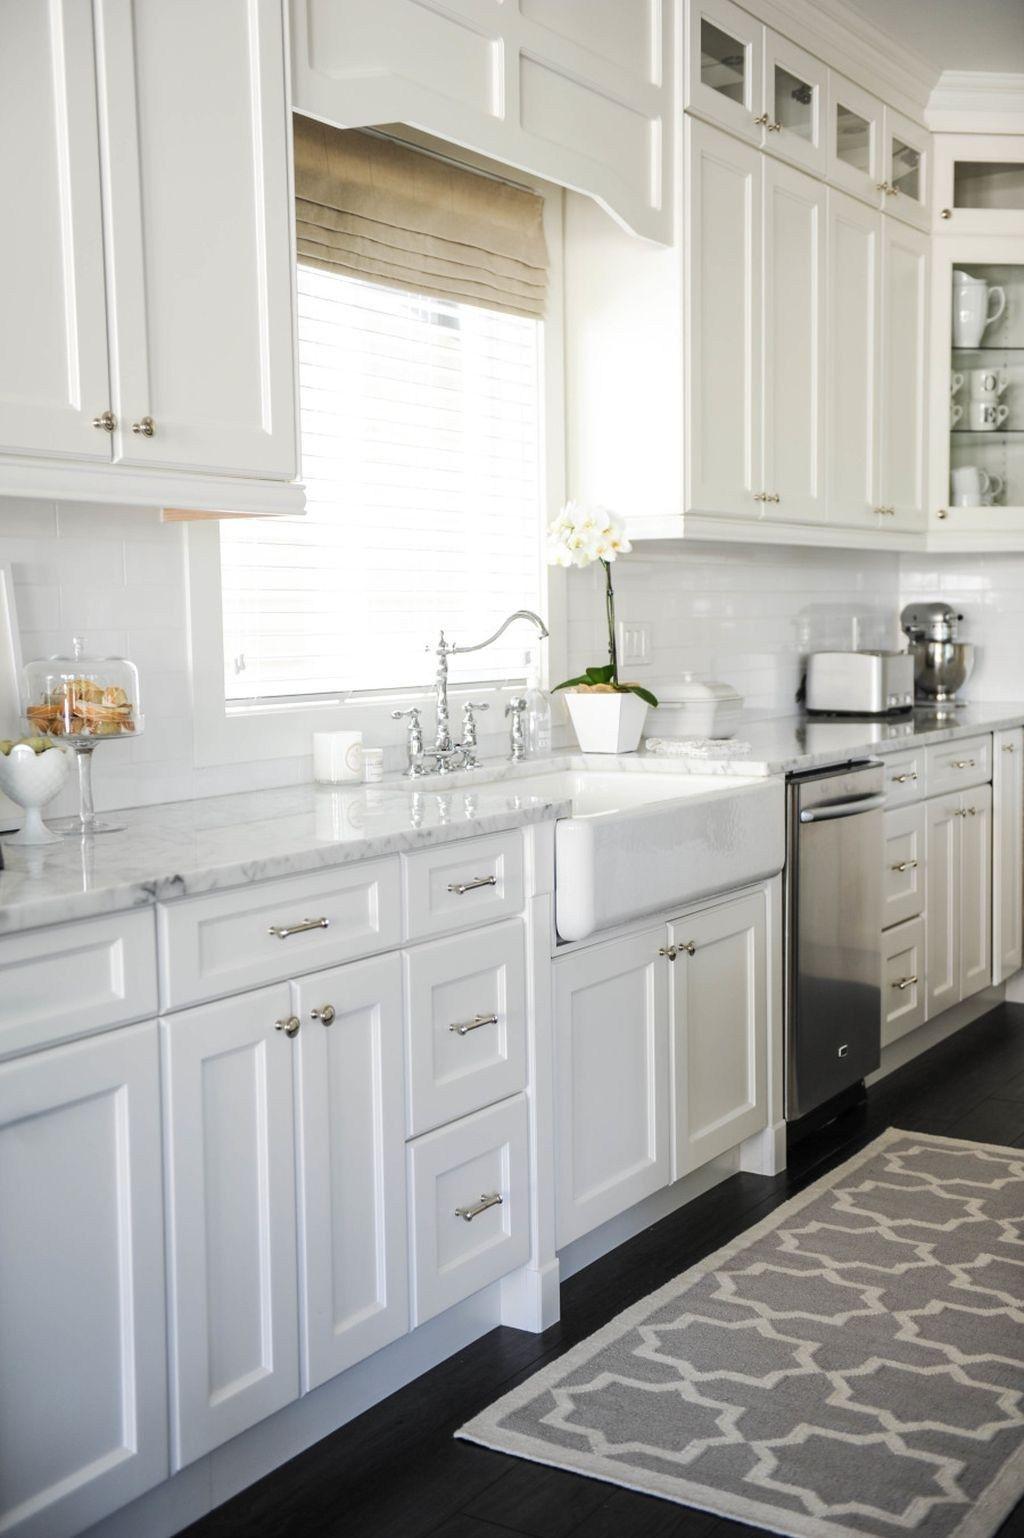 Adorable Traditional White Farmhouse Kitchens Ideas 33 | White ...